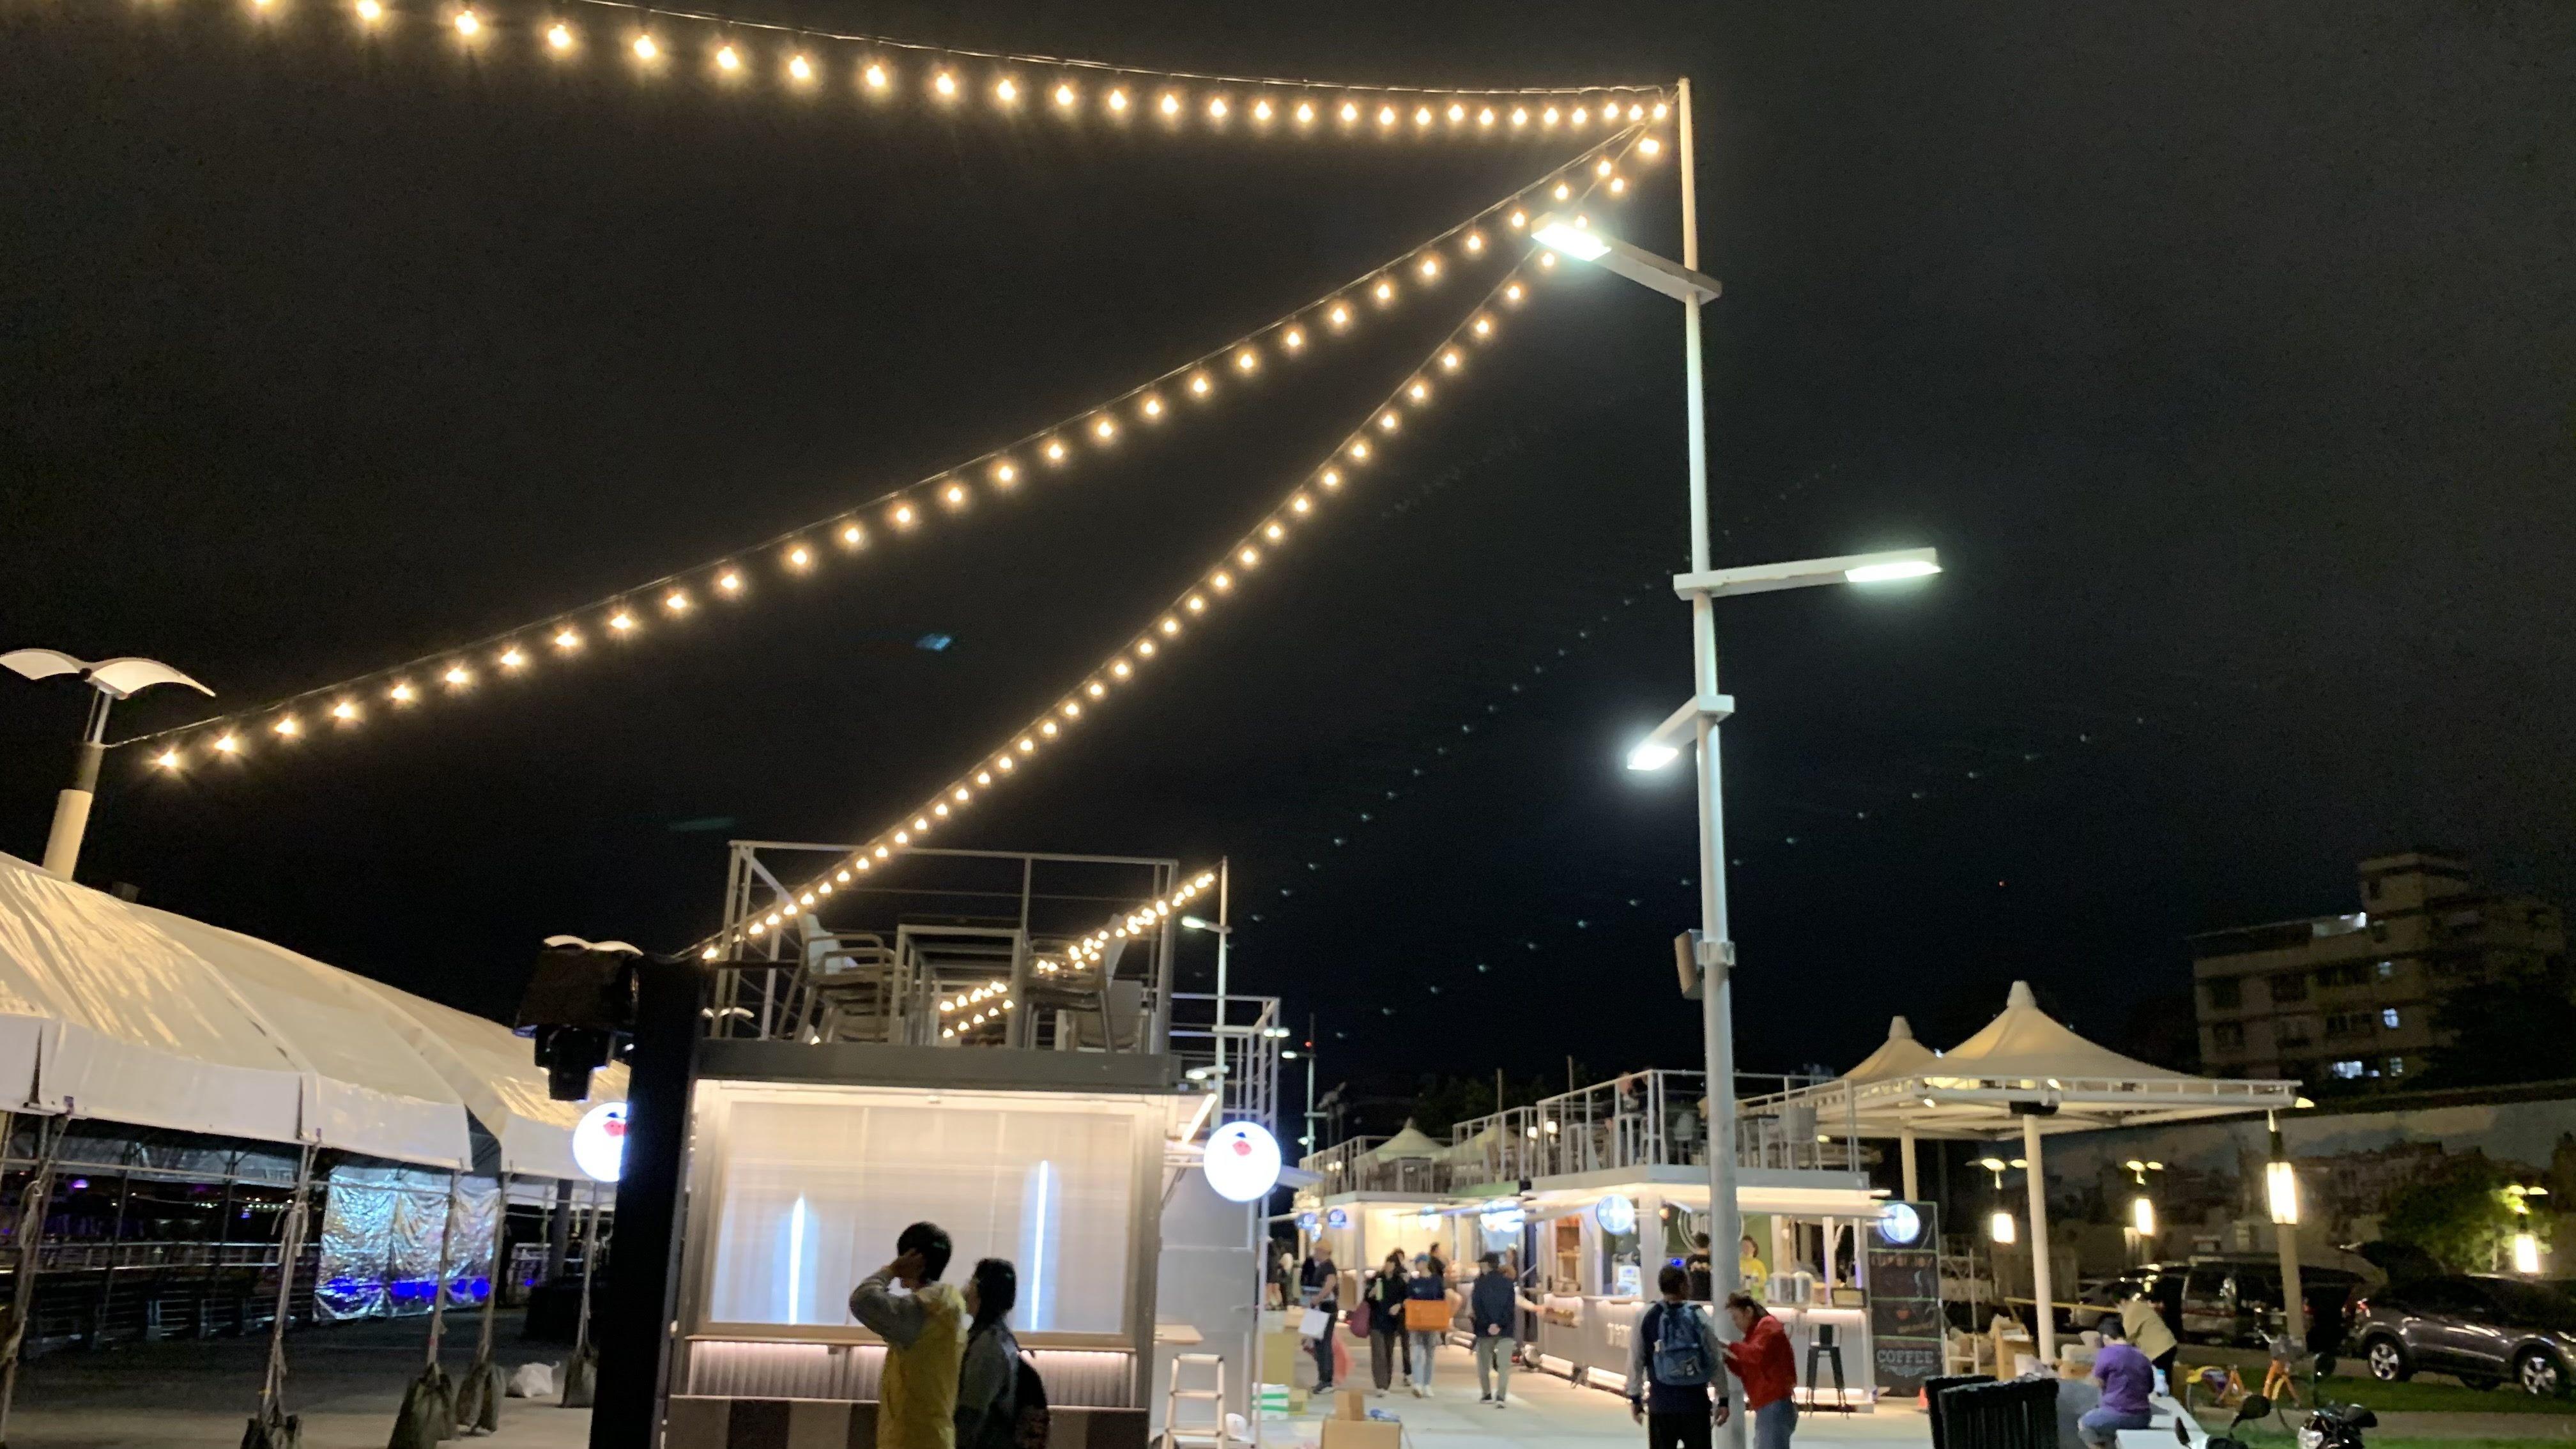 全新的大稻埕碼頭貨櫃市集 已開幕 水利處邀請民眾一起來放輕鬆享受美食